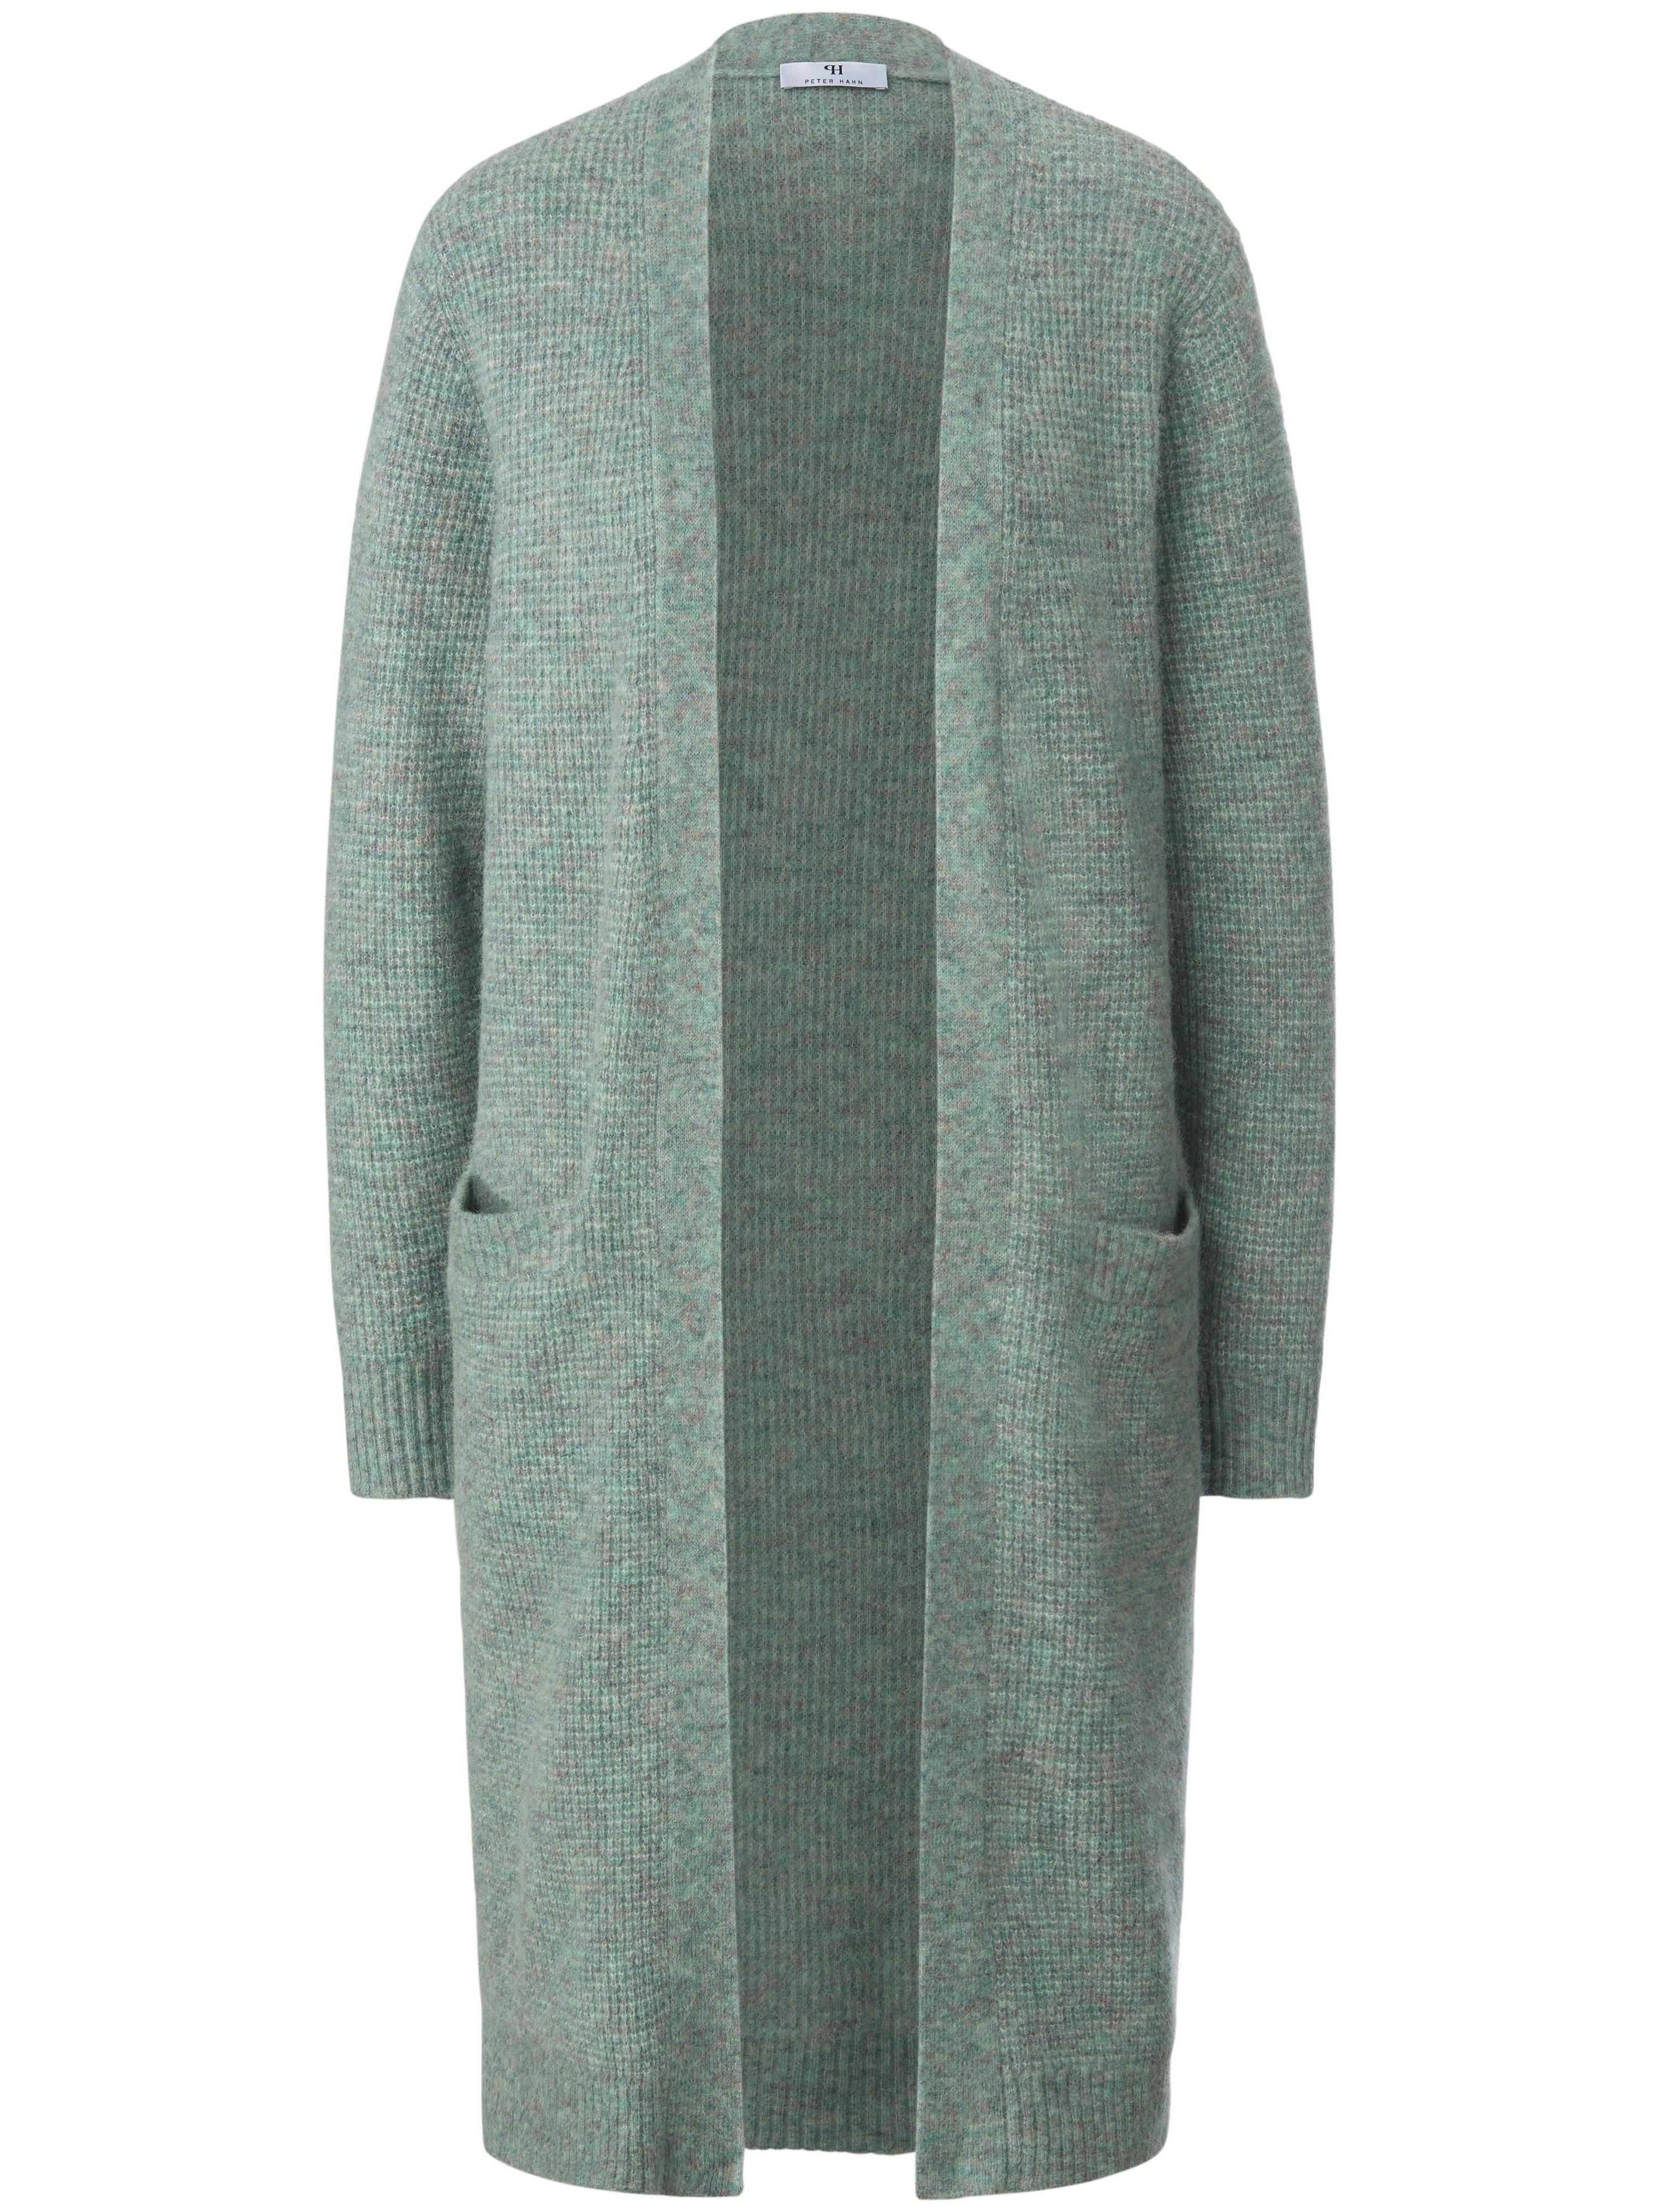 Le manteau maille à manches longues  Peter Hahn vert taille 50